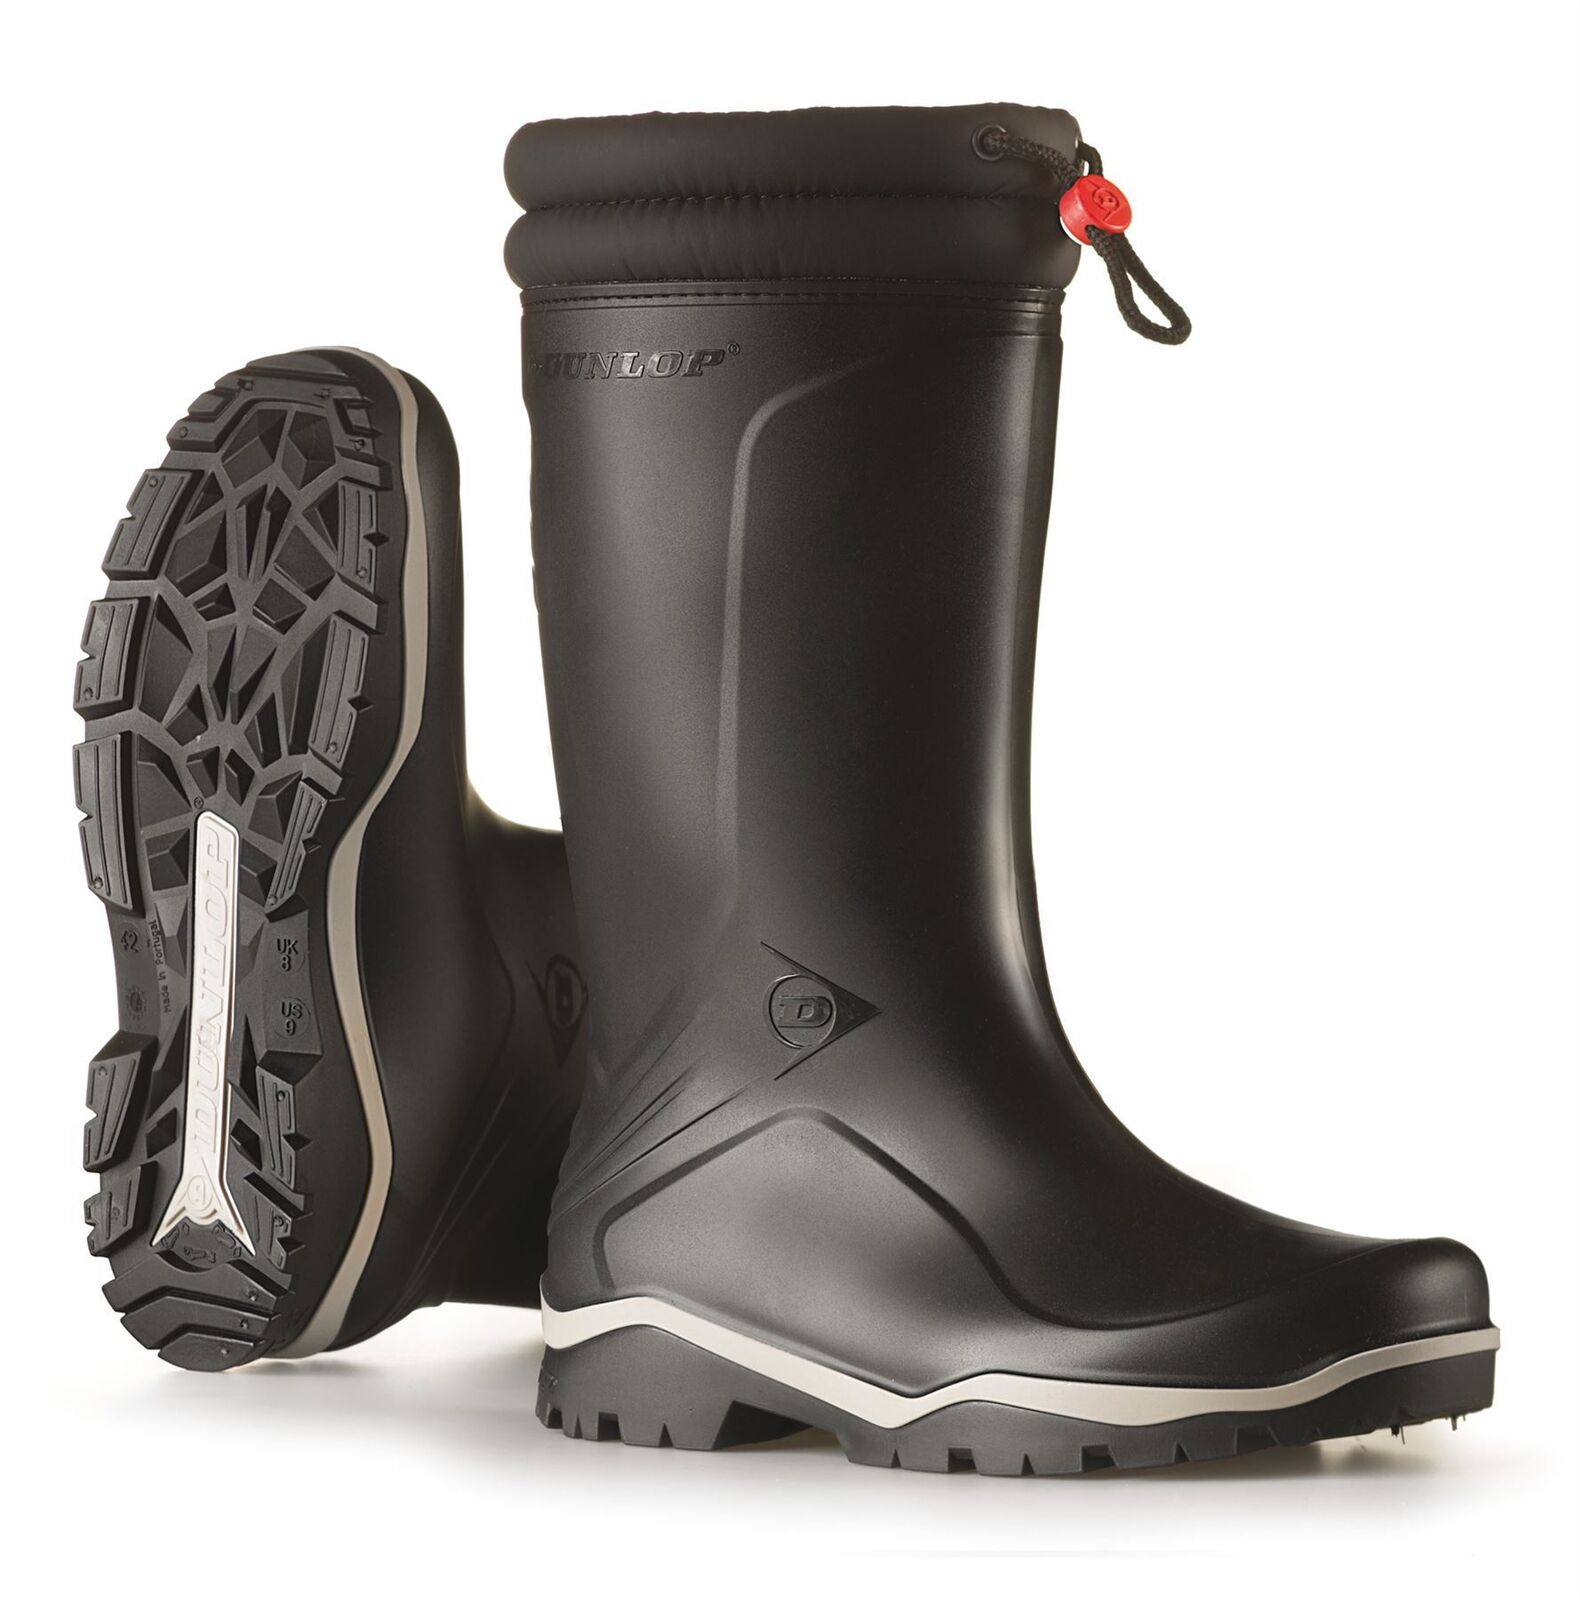 Dunlop Blizzard 2 schwarz Gummistiefel warm Fleece